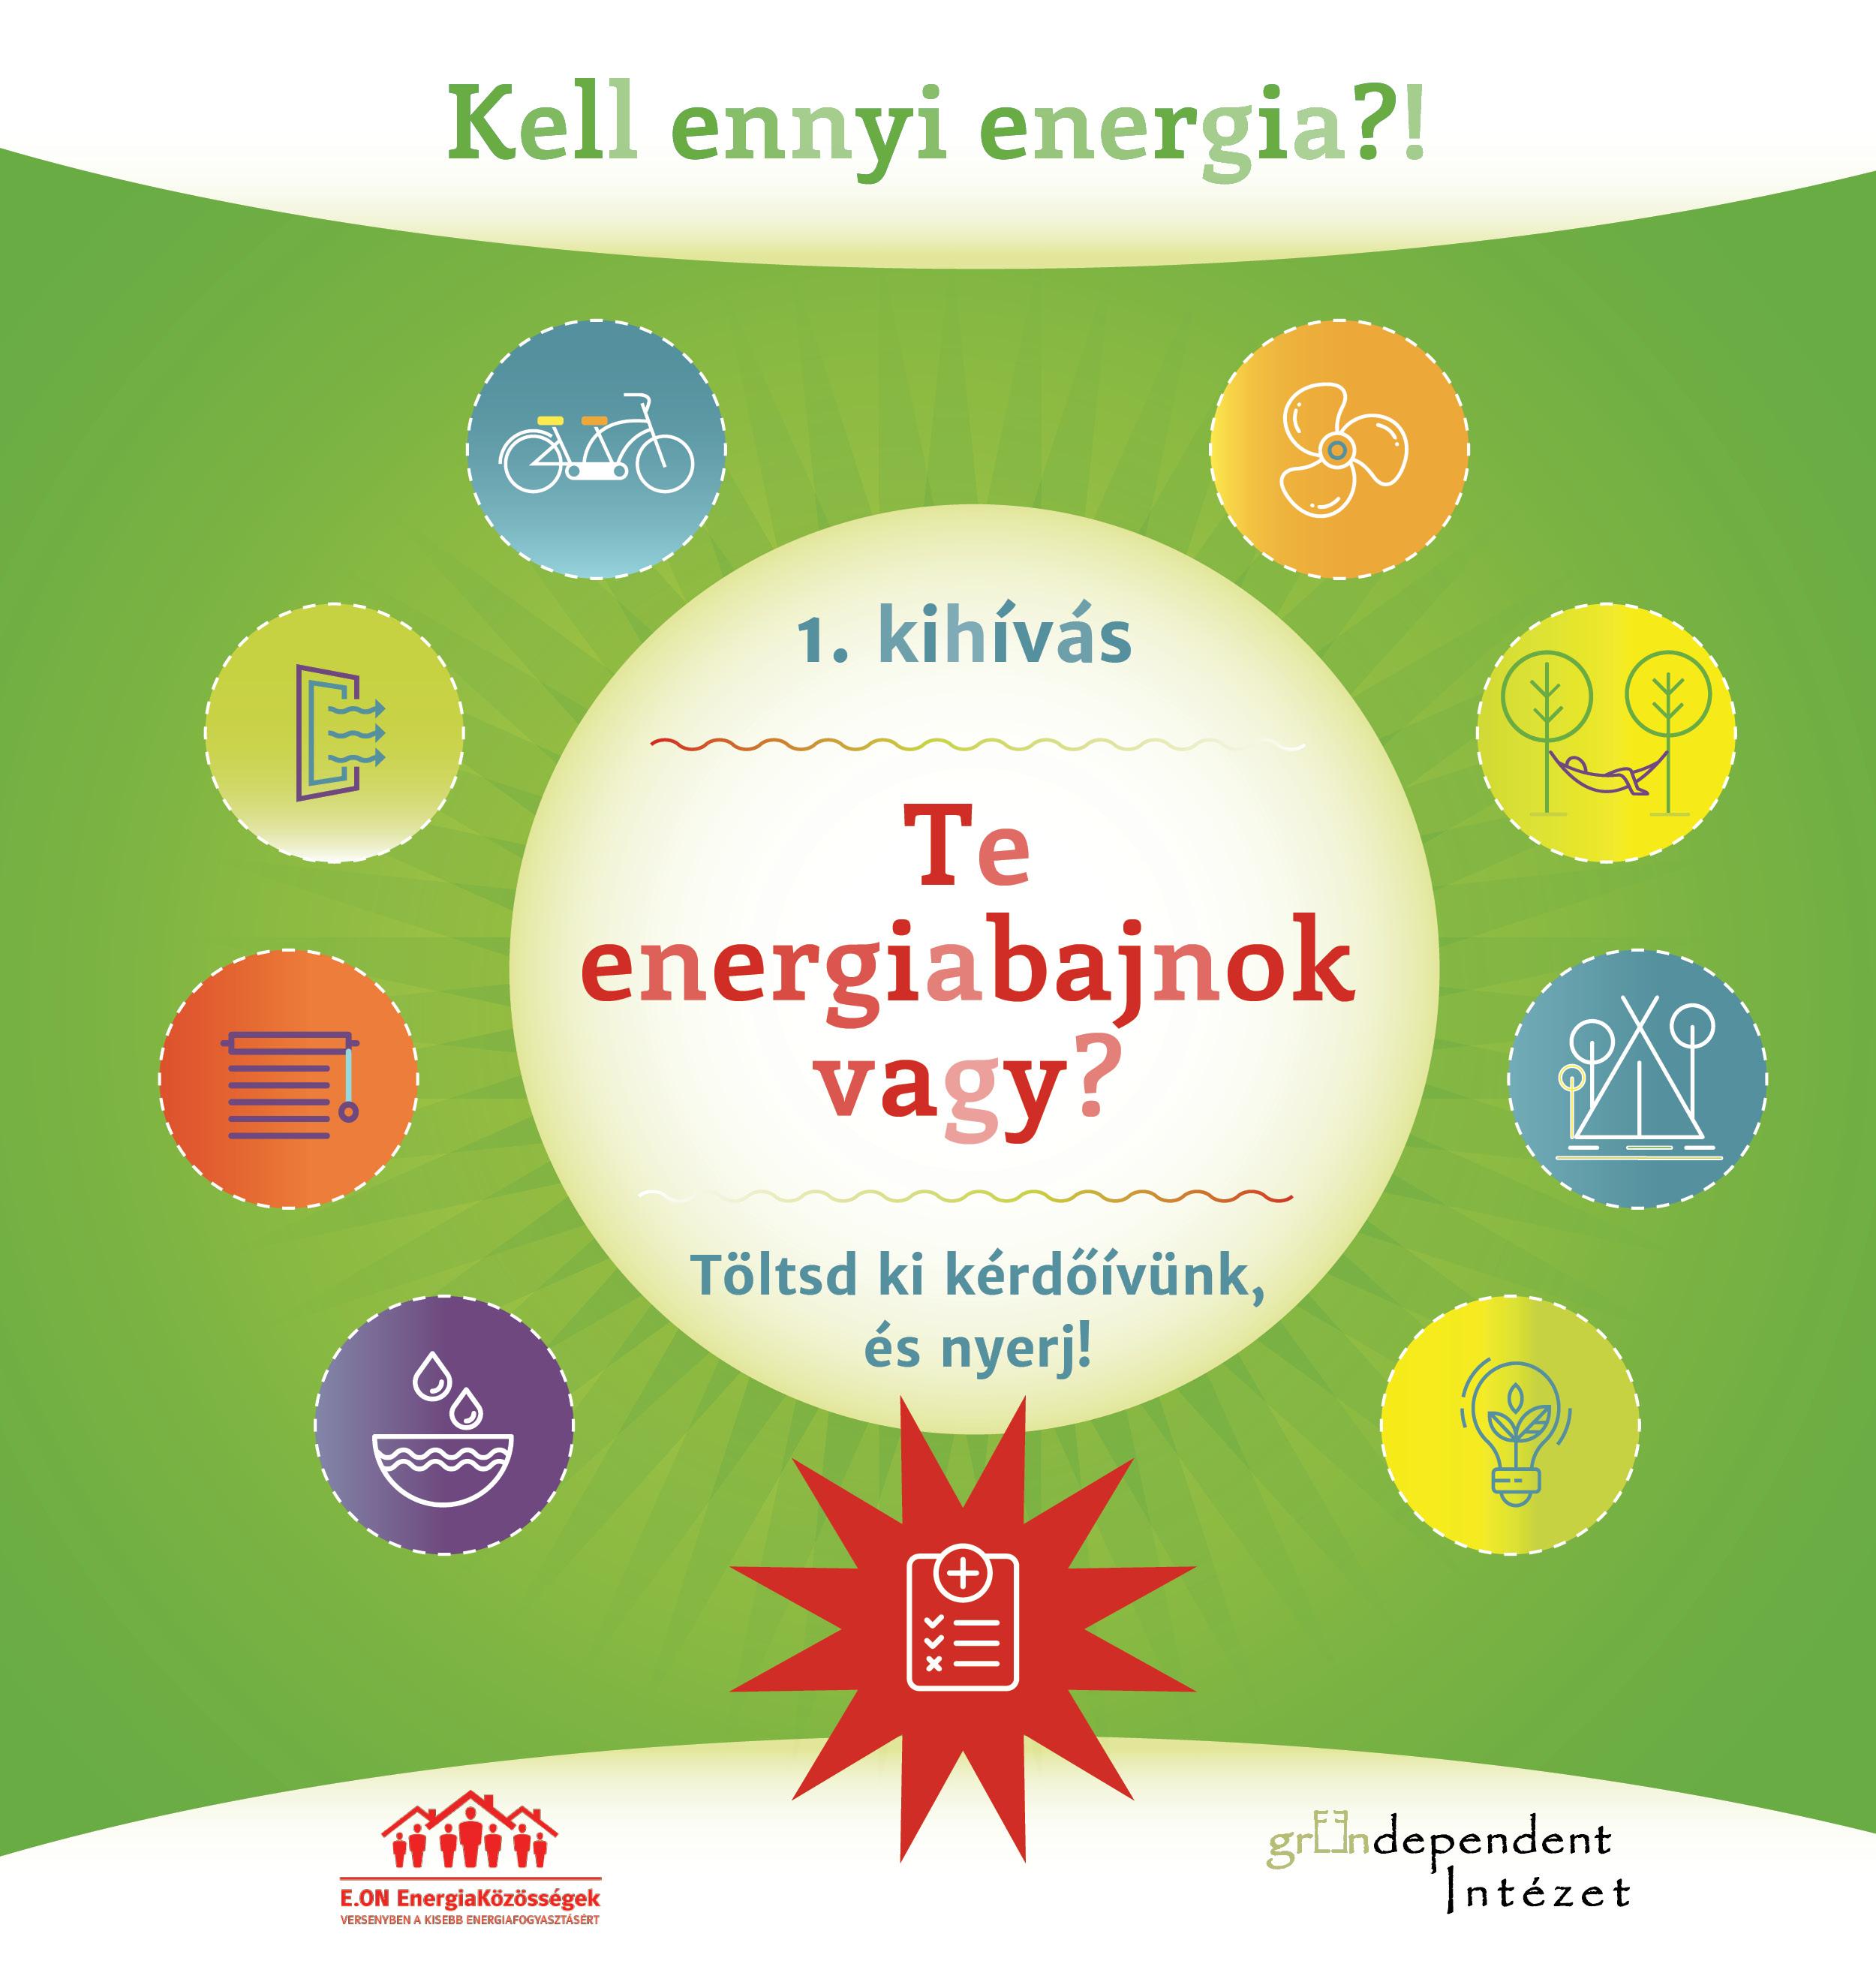 Idén harmadik alkalommal szervezi meg a GreenDependent Intézet 9 hetes közösségimédia kampányát az E.ON EnergiaKözösségek közösségi oldalán az E.ON Csoport támogatásával.